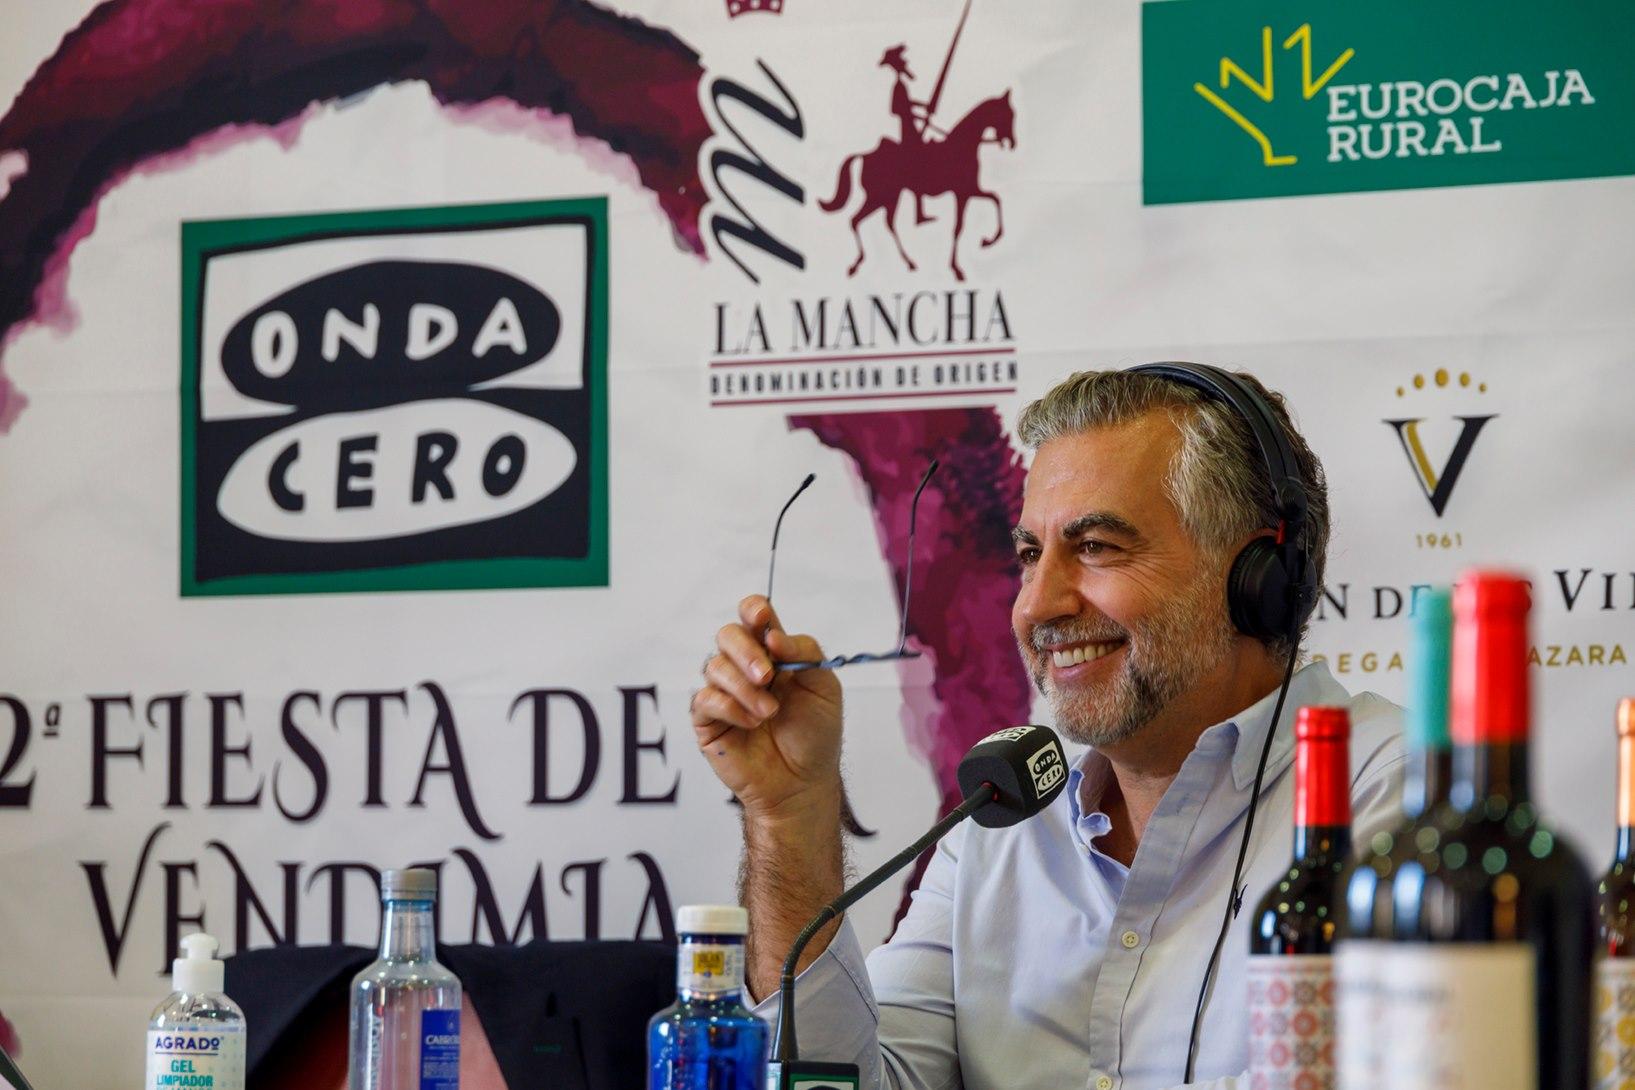 Carlos Alsina participa en la II Fiesta de la Vendimia en La Mancha